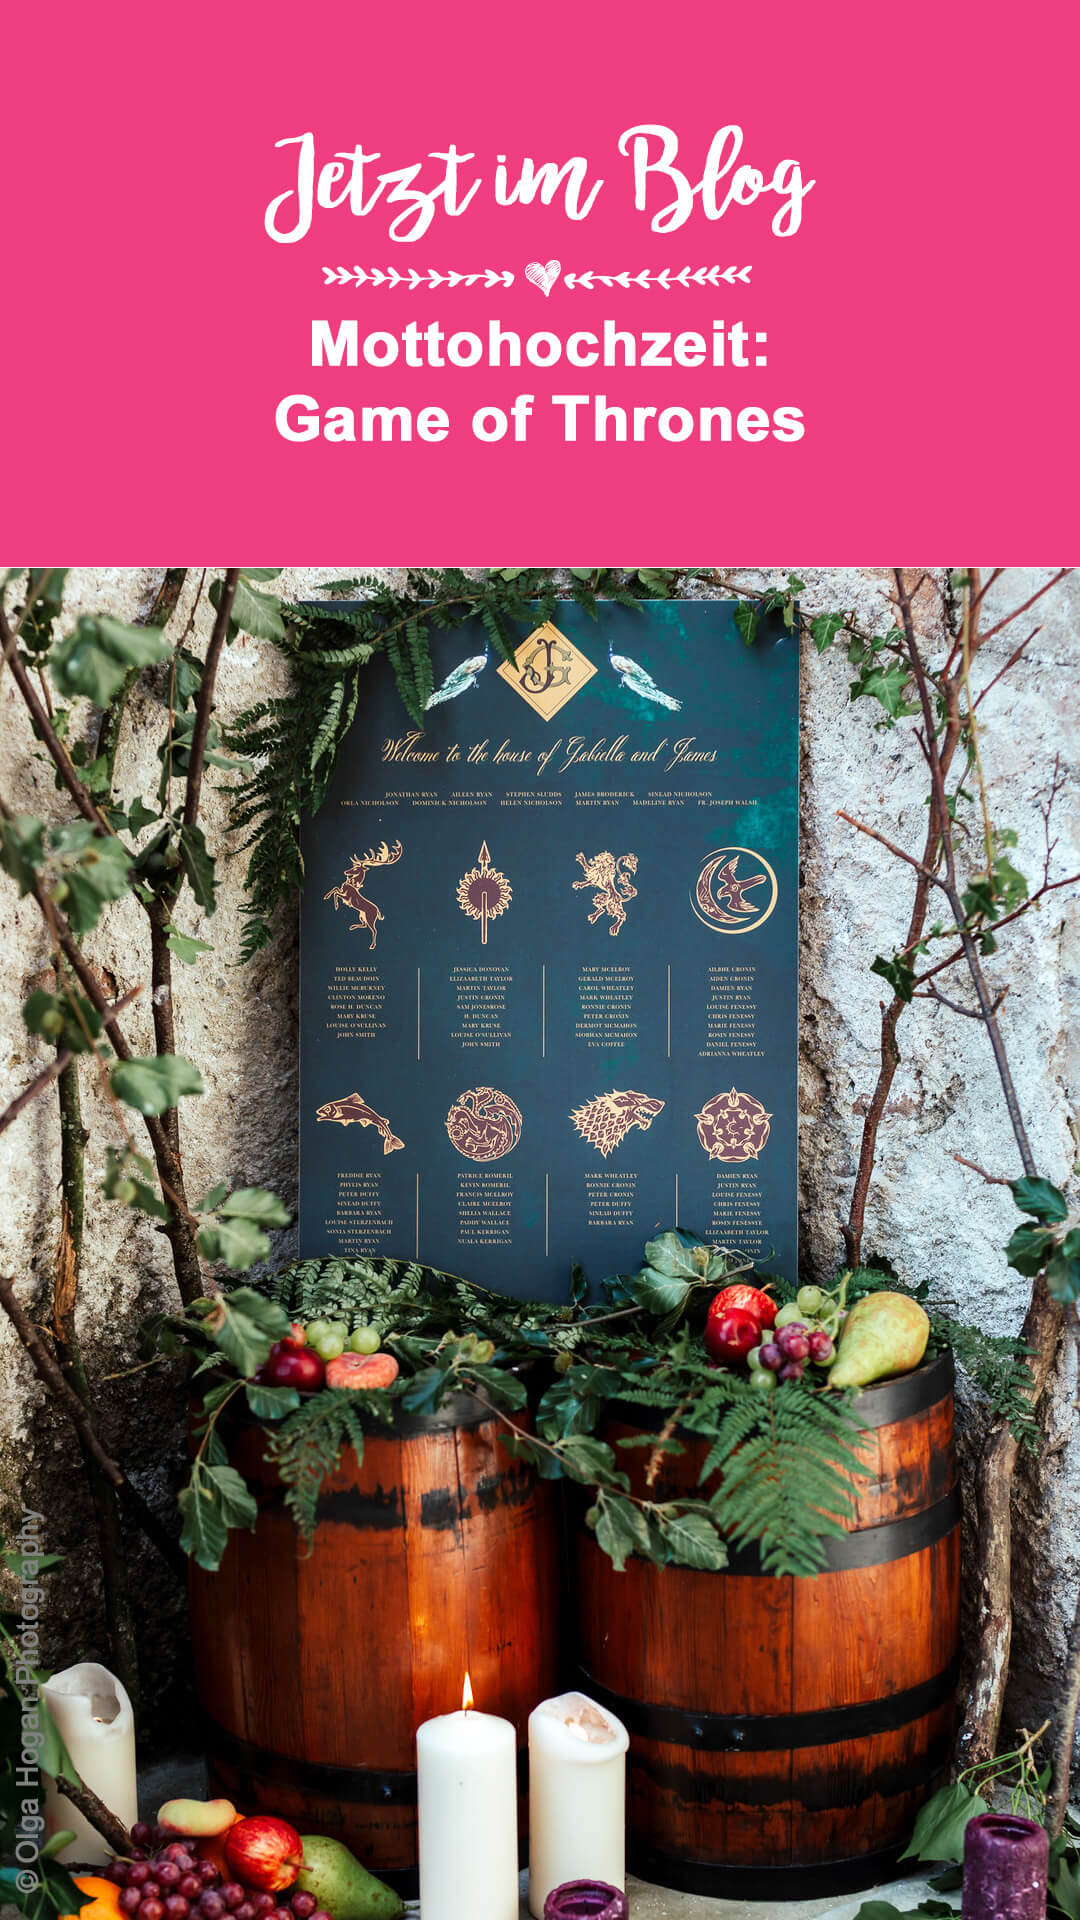 Game of Thrones Mottohochzeit